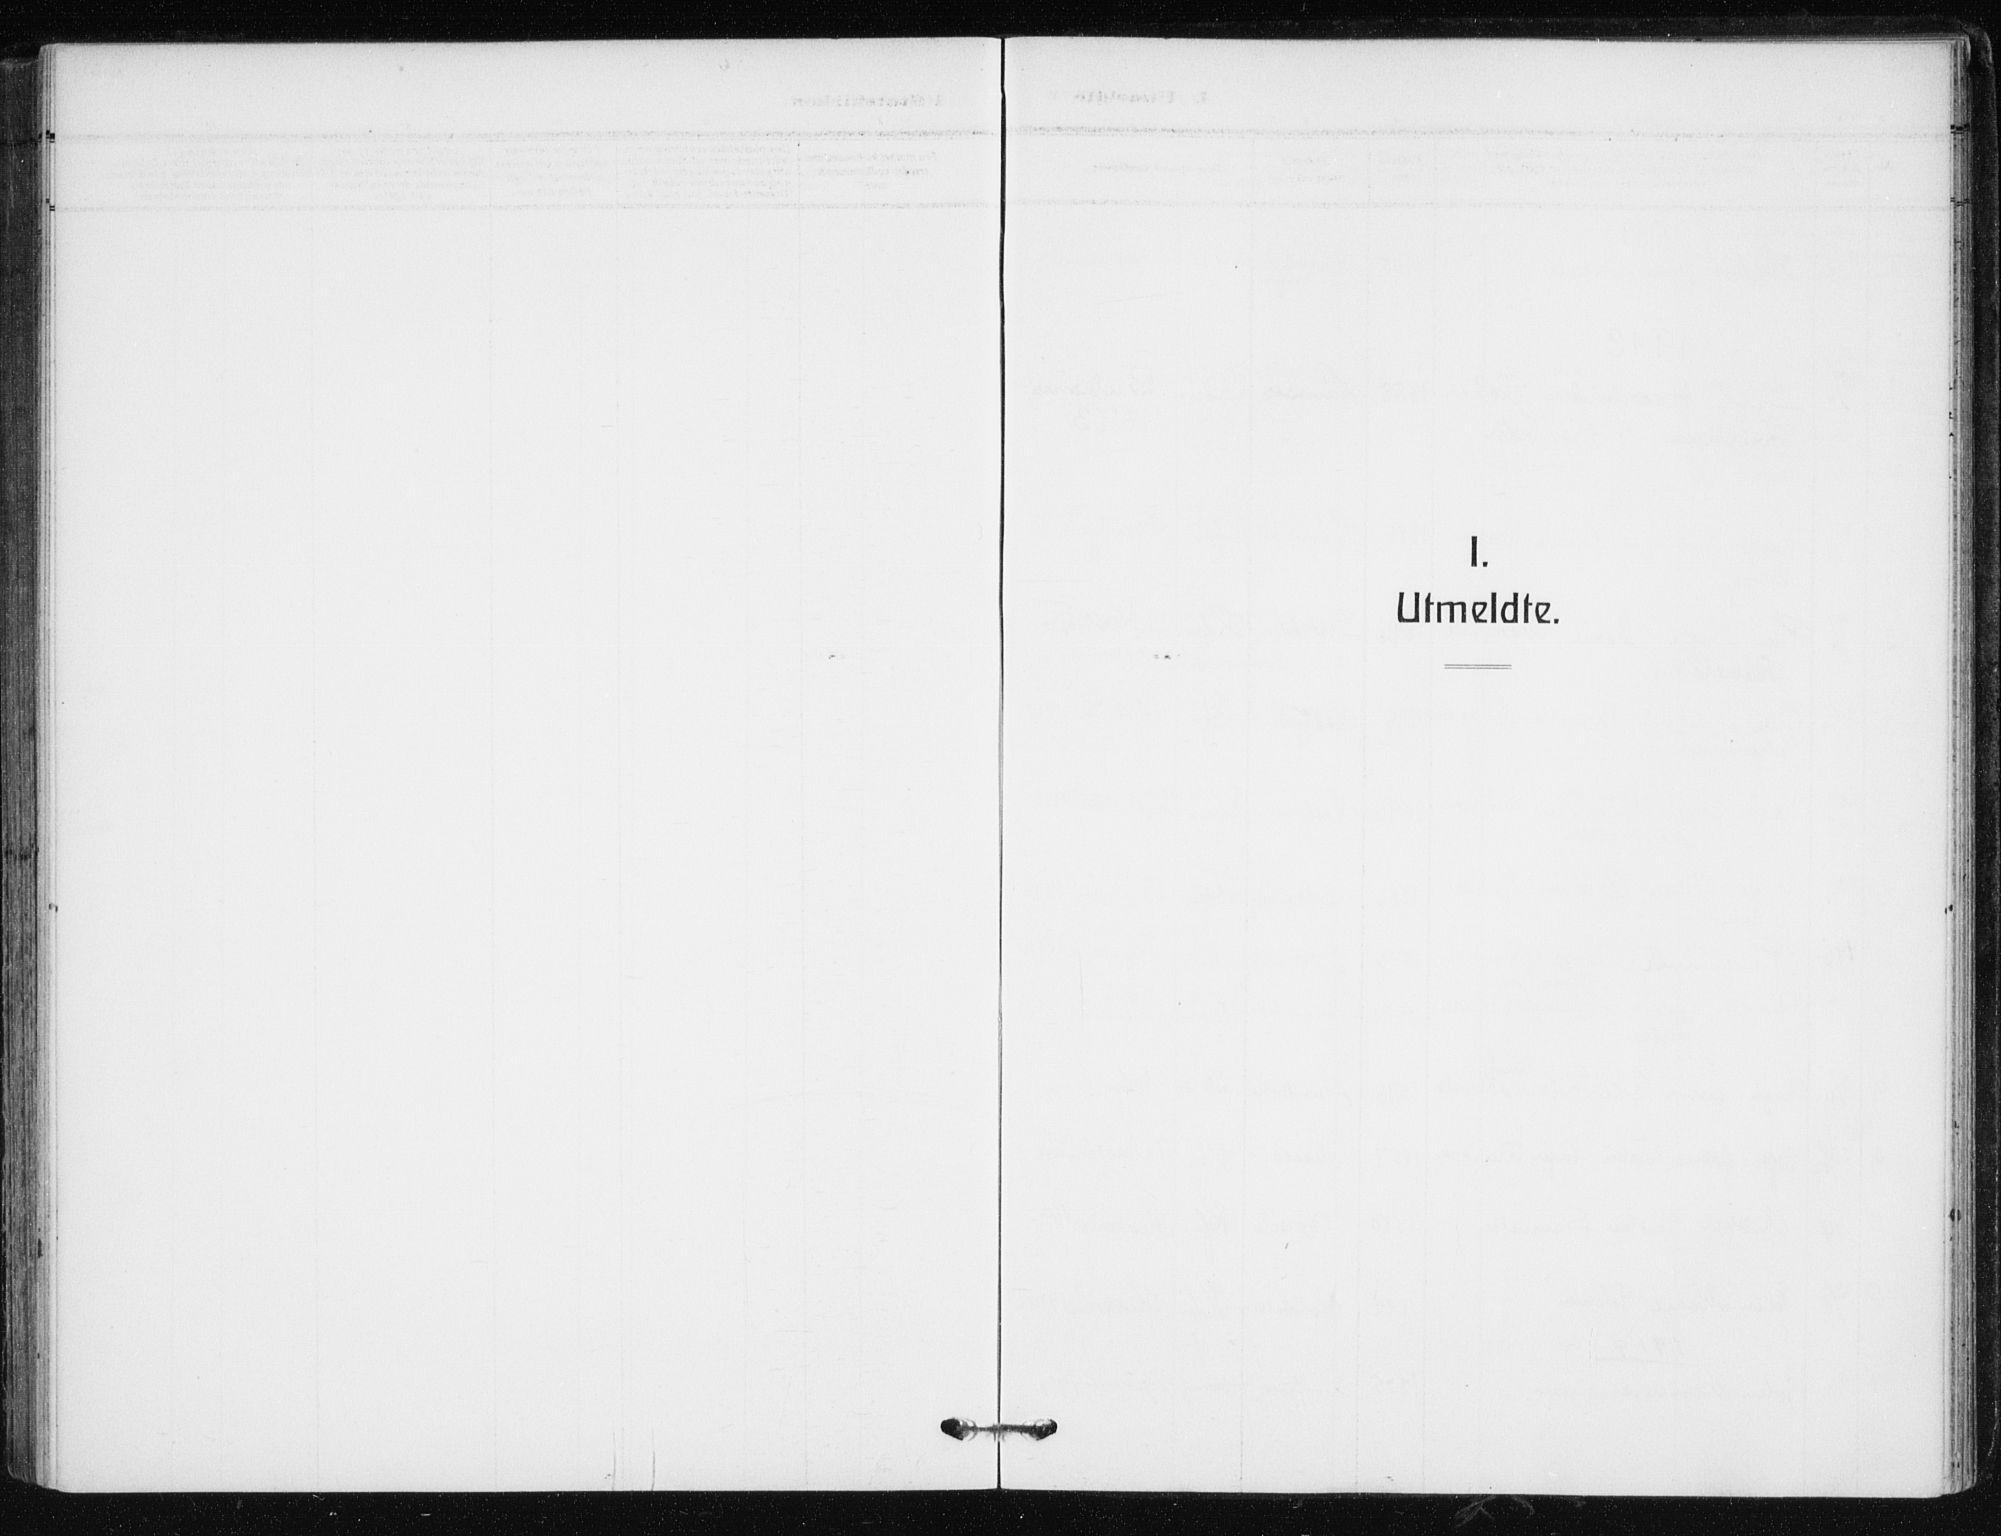 SATØ, Kjelvik/Nordkapp sokneprestkontor, H/Ha/L0001kirke: Ministerialbok nr. 1, 1911-1919